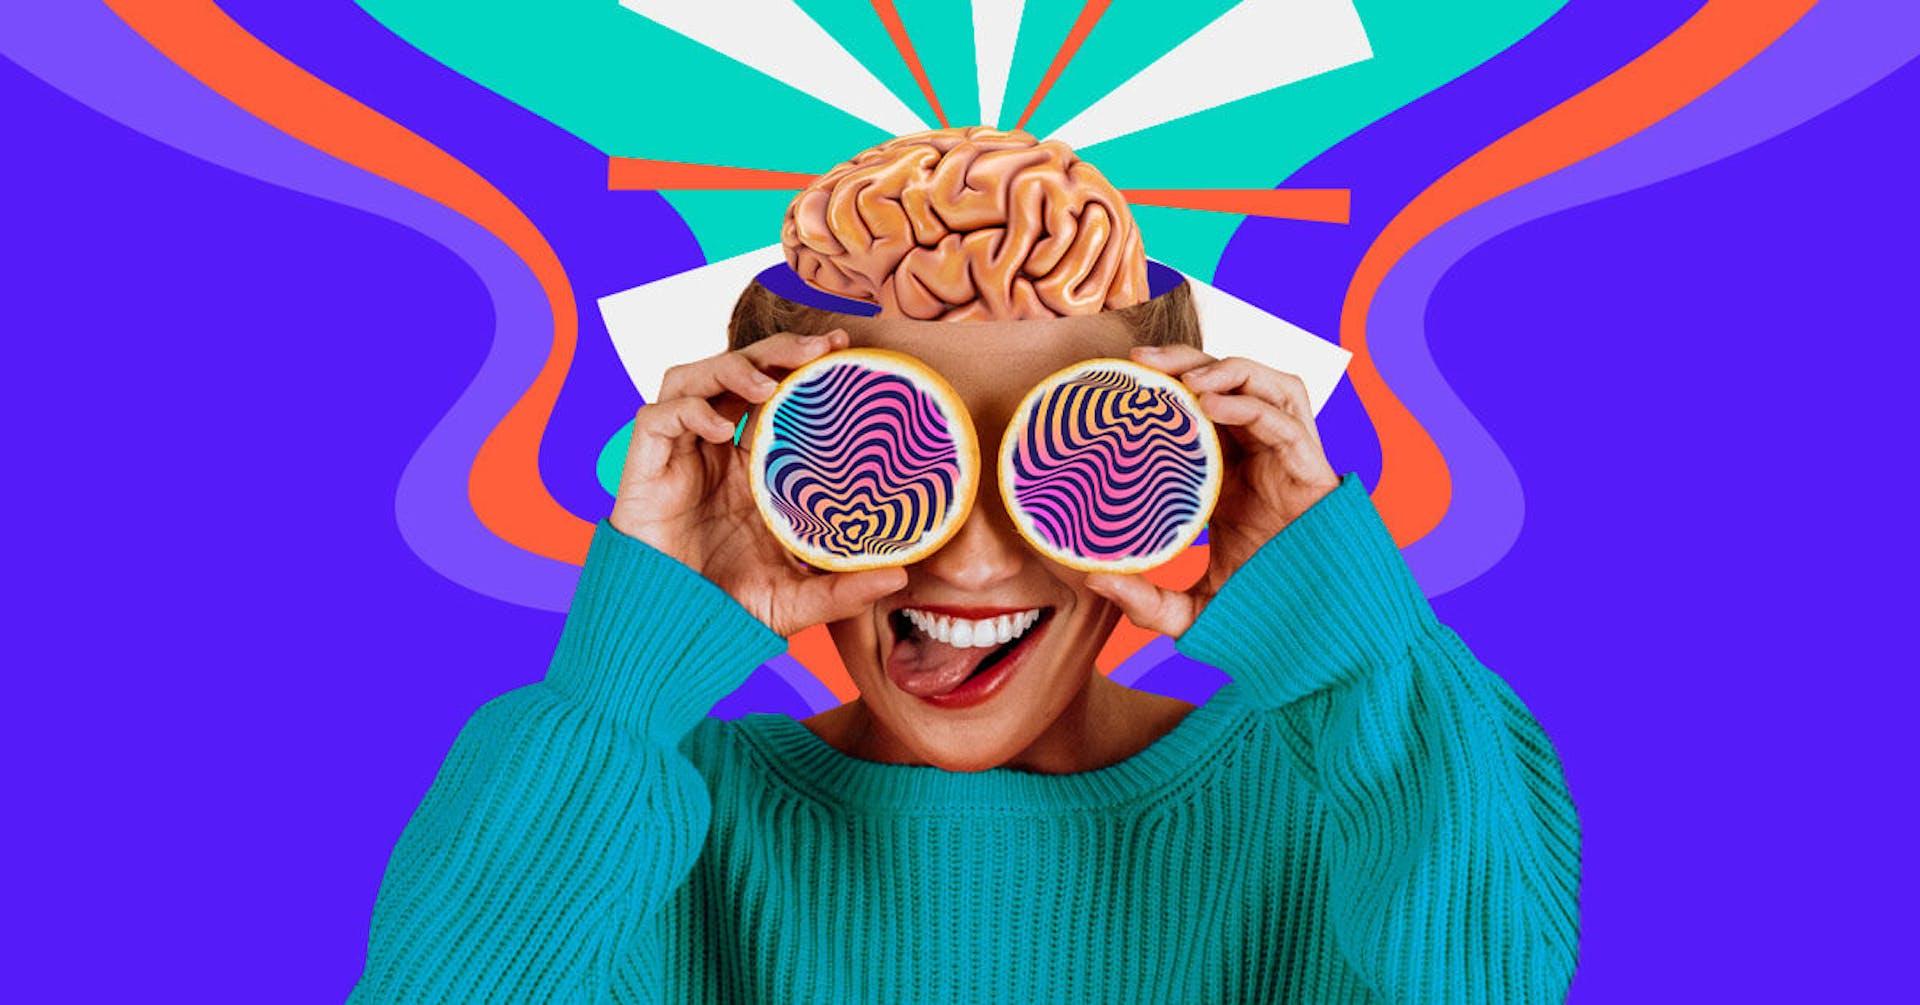 ¿Te consideras creativo? Descubre si tienes las características de una persona creativa